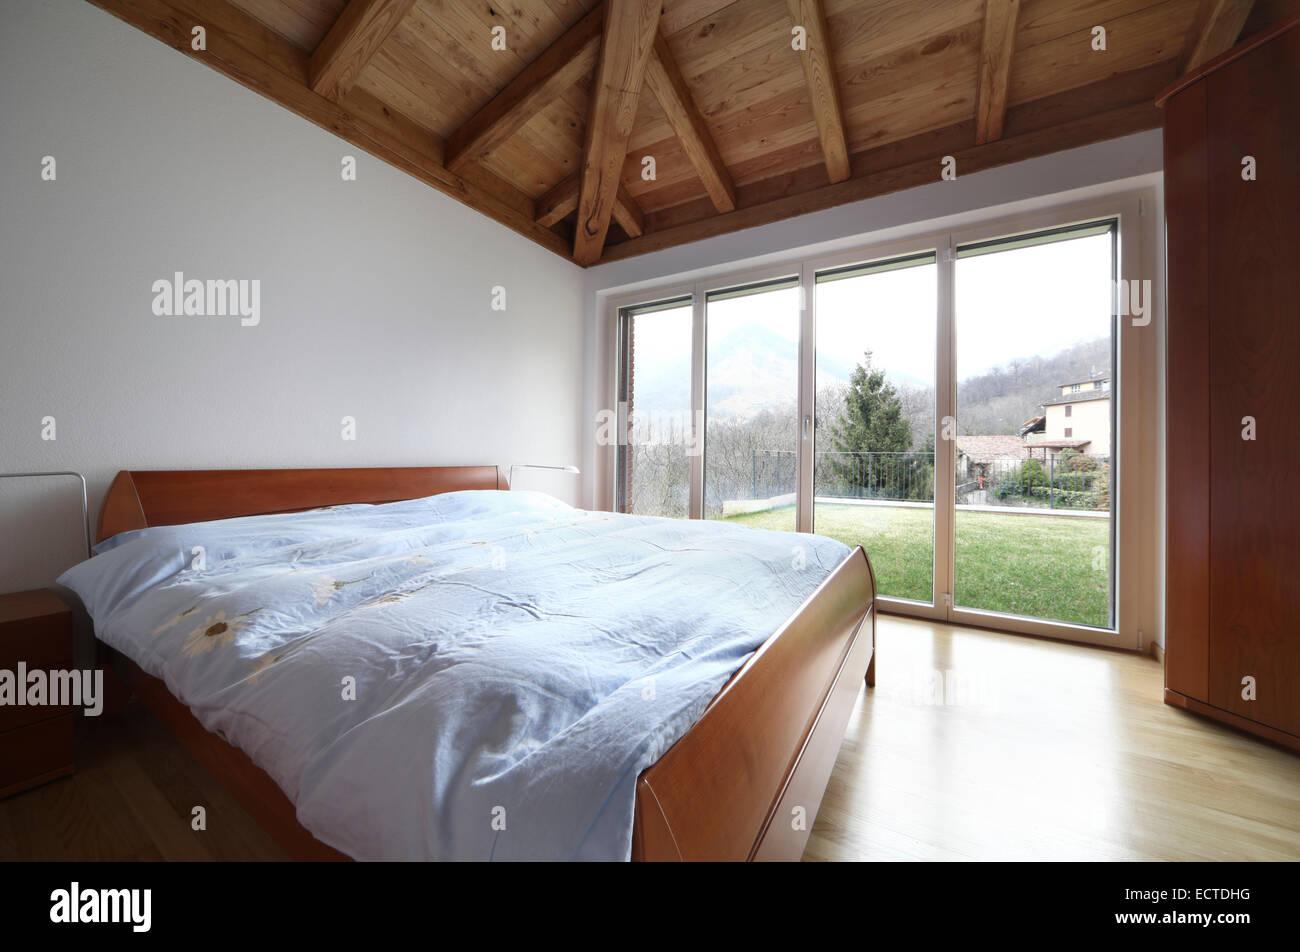 hölzerne Schlafzimmer Holz Innendach leer niemand Stockfoto, Bild ...